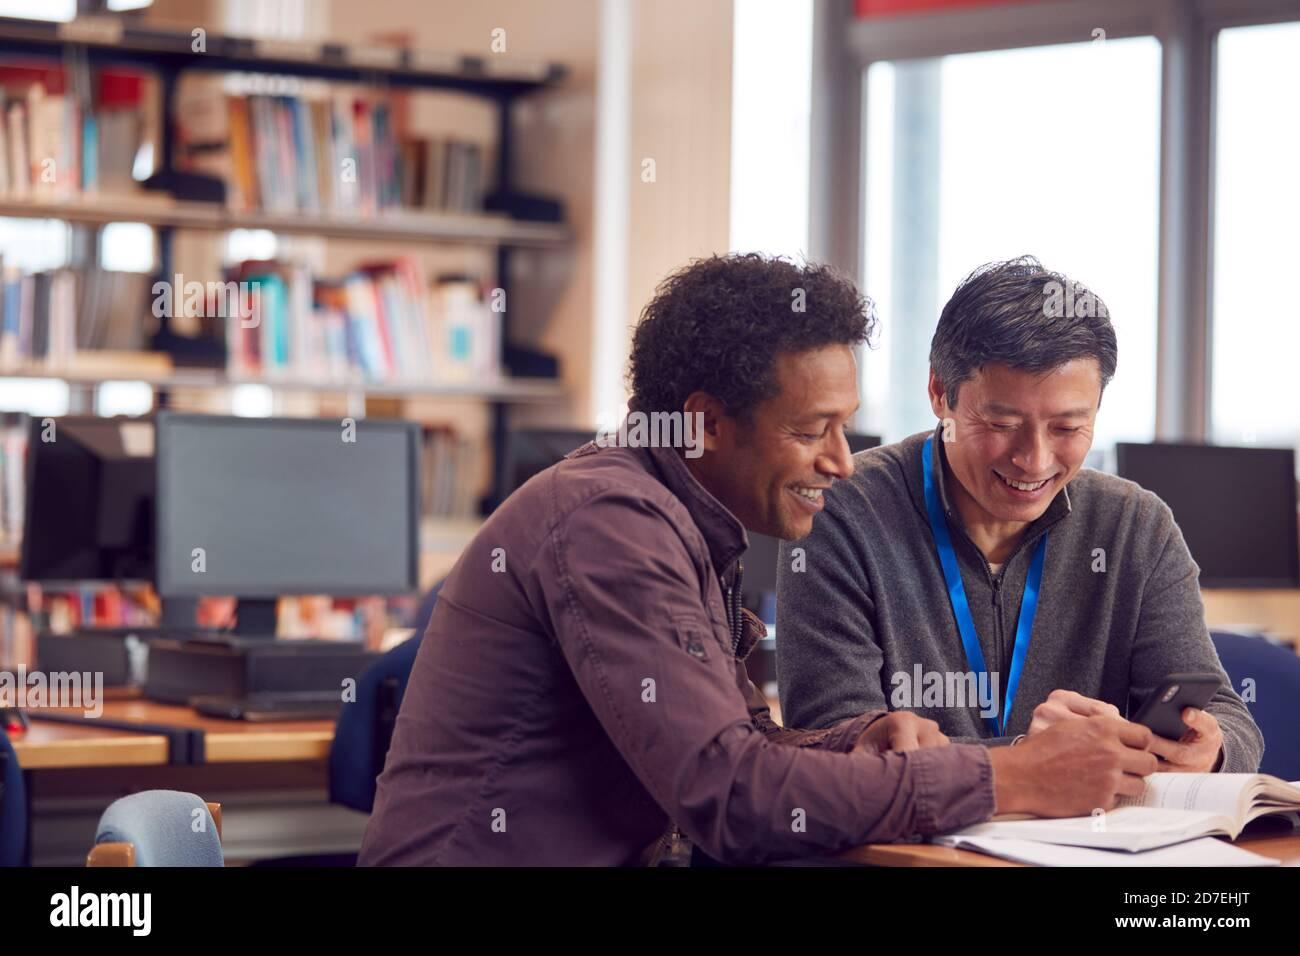 Professeur avec un étudiant adulte de sexe masculin mature utilisant un téléphone portable à Table de travail dans la bibliothèque du Collège Banque D'Images